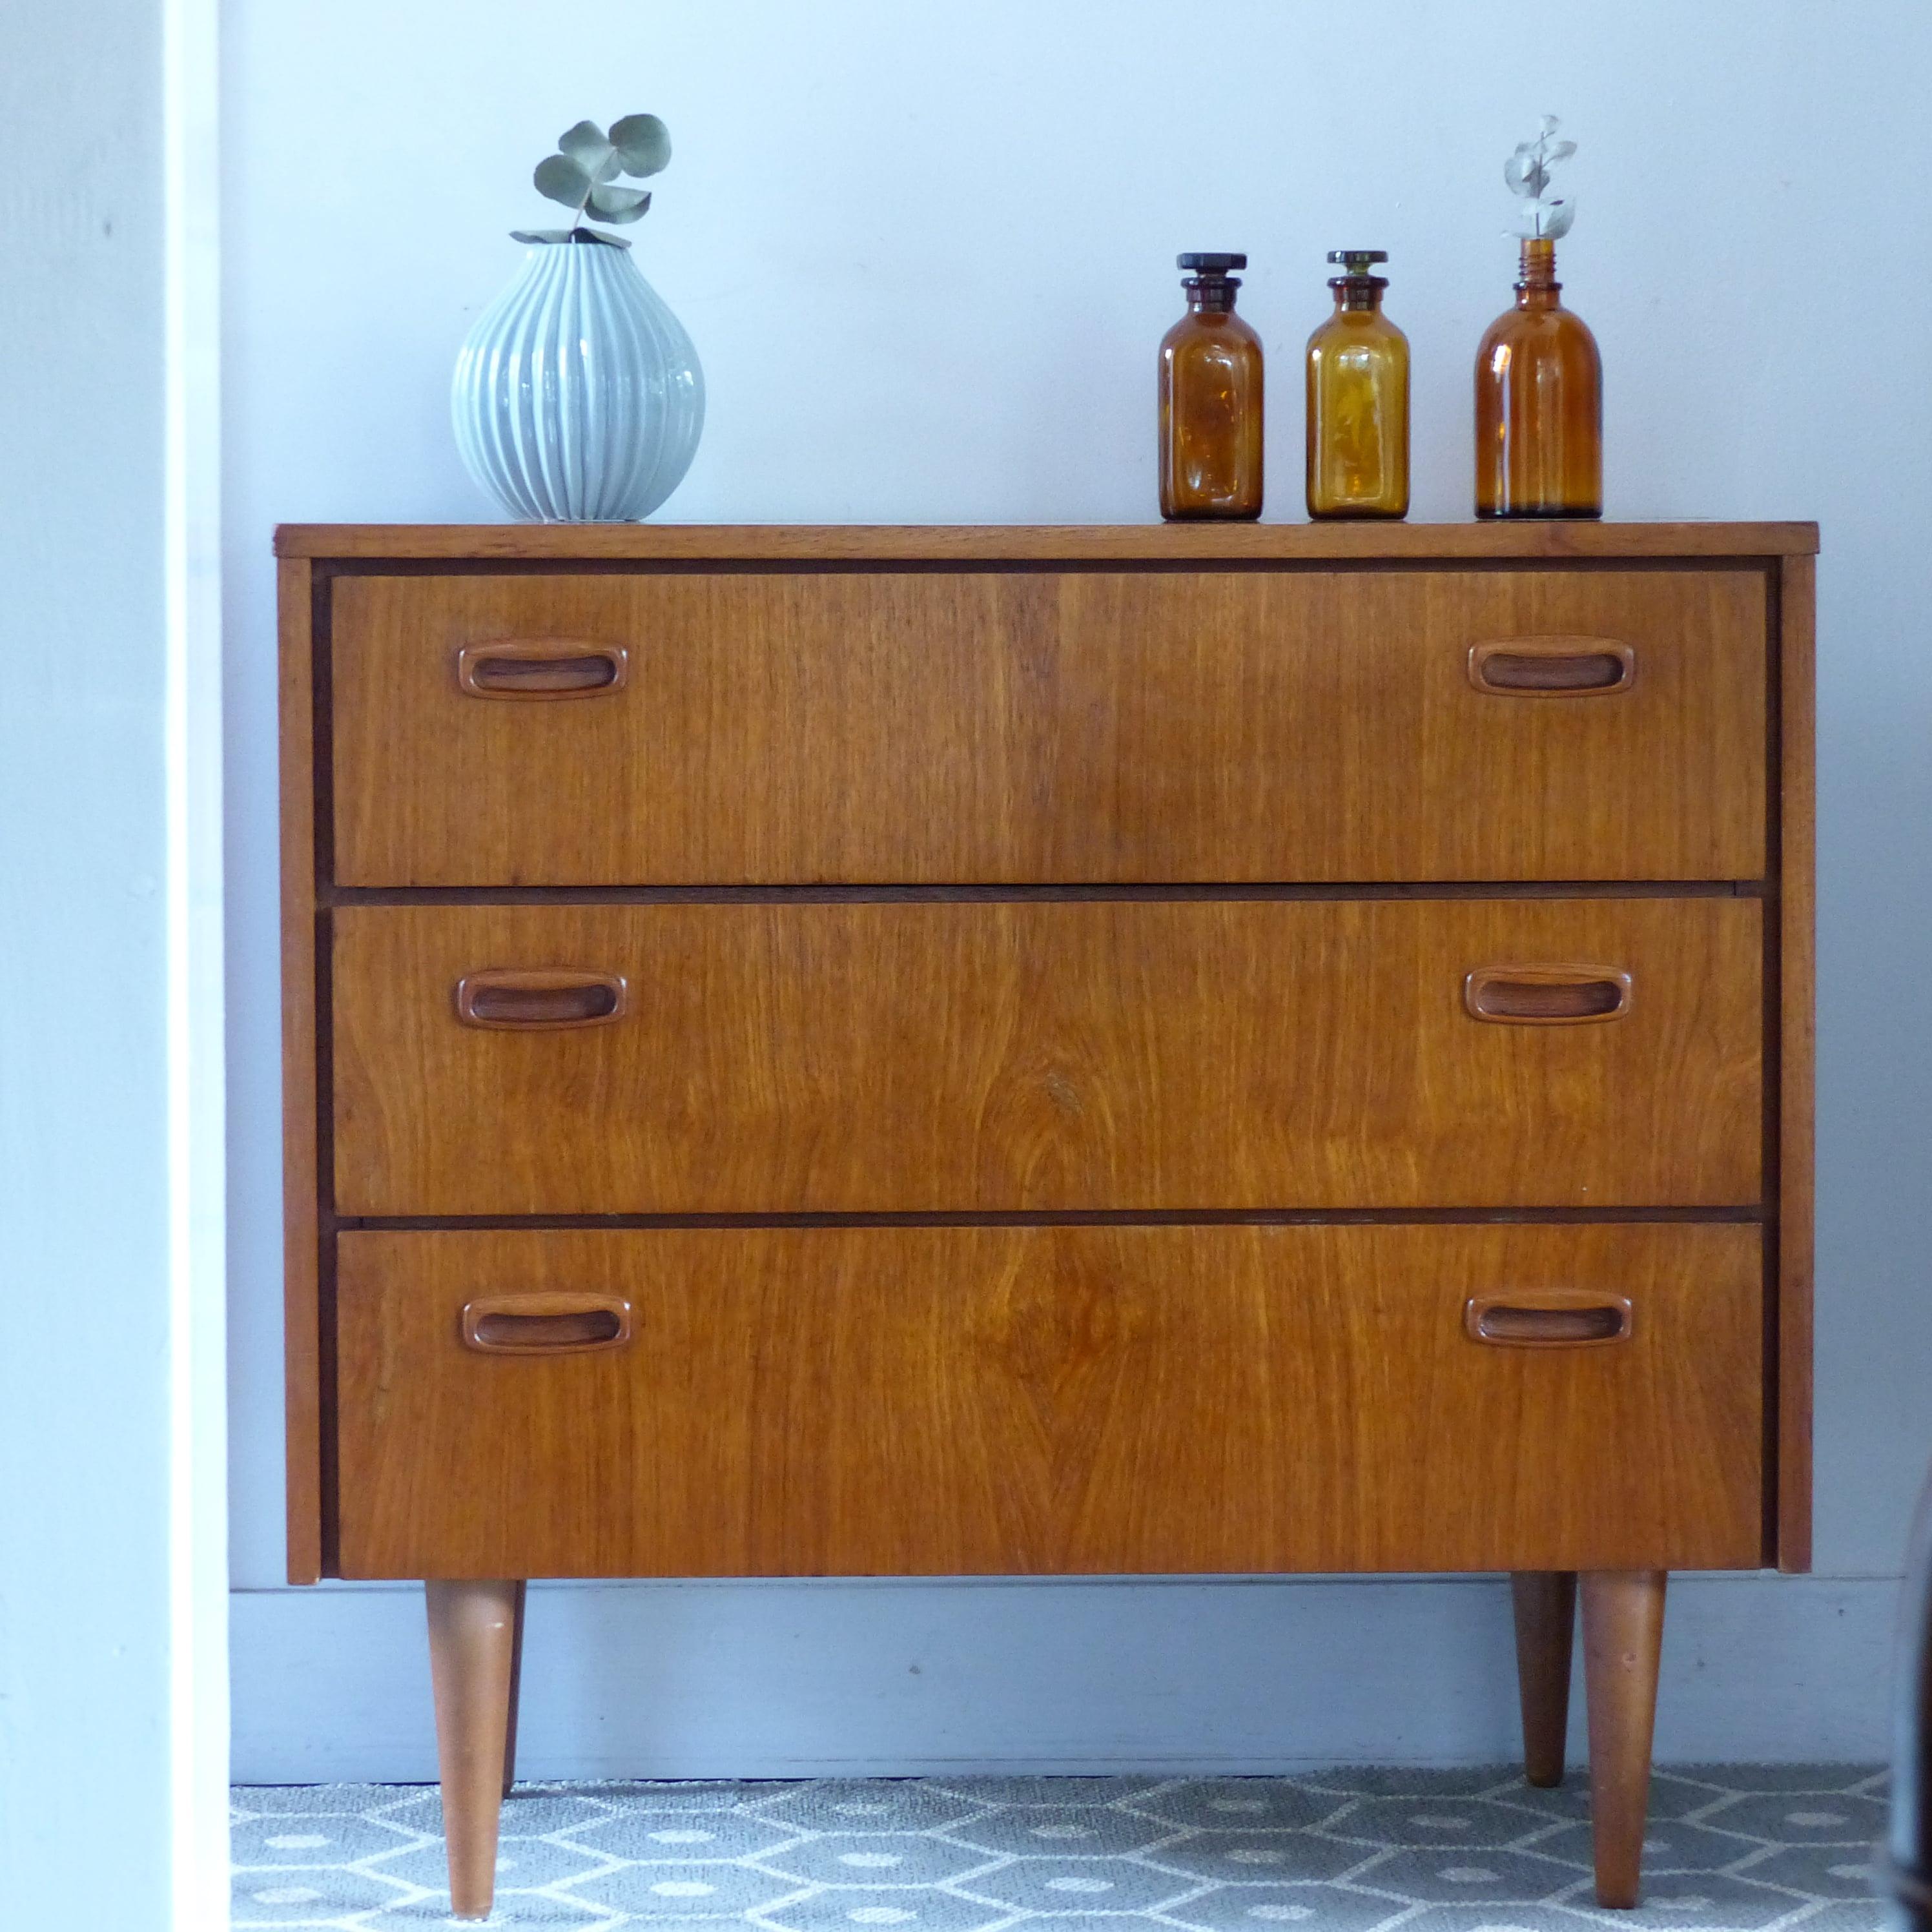 commode scandinave vintage lignedebrocante brocante en ligne chine pour vous meubles vintage. Black Bedroom Furniture Sets. Home Design Ideas